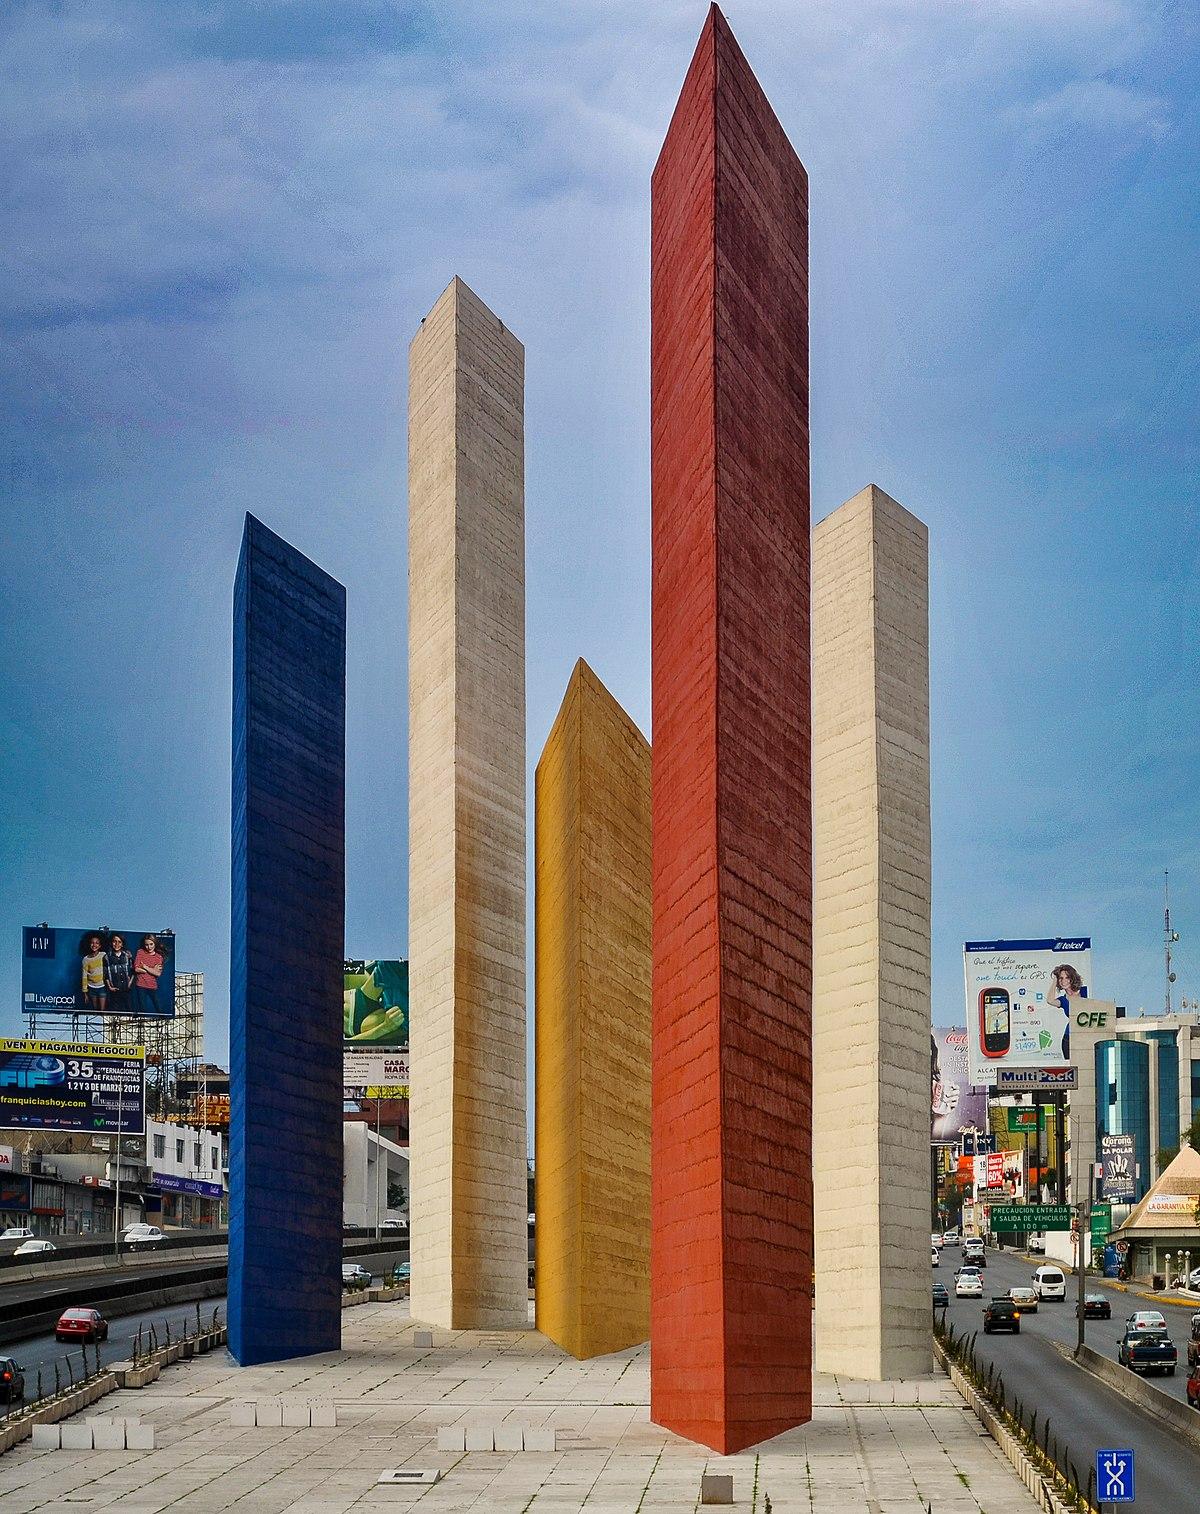 Cine De De Arquitectura Salas Ciudad La Mexico De De